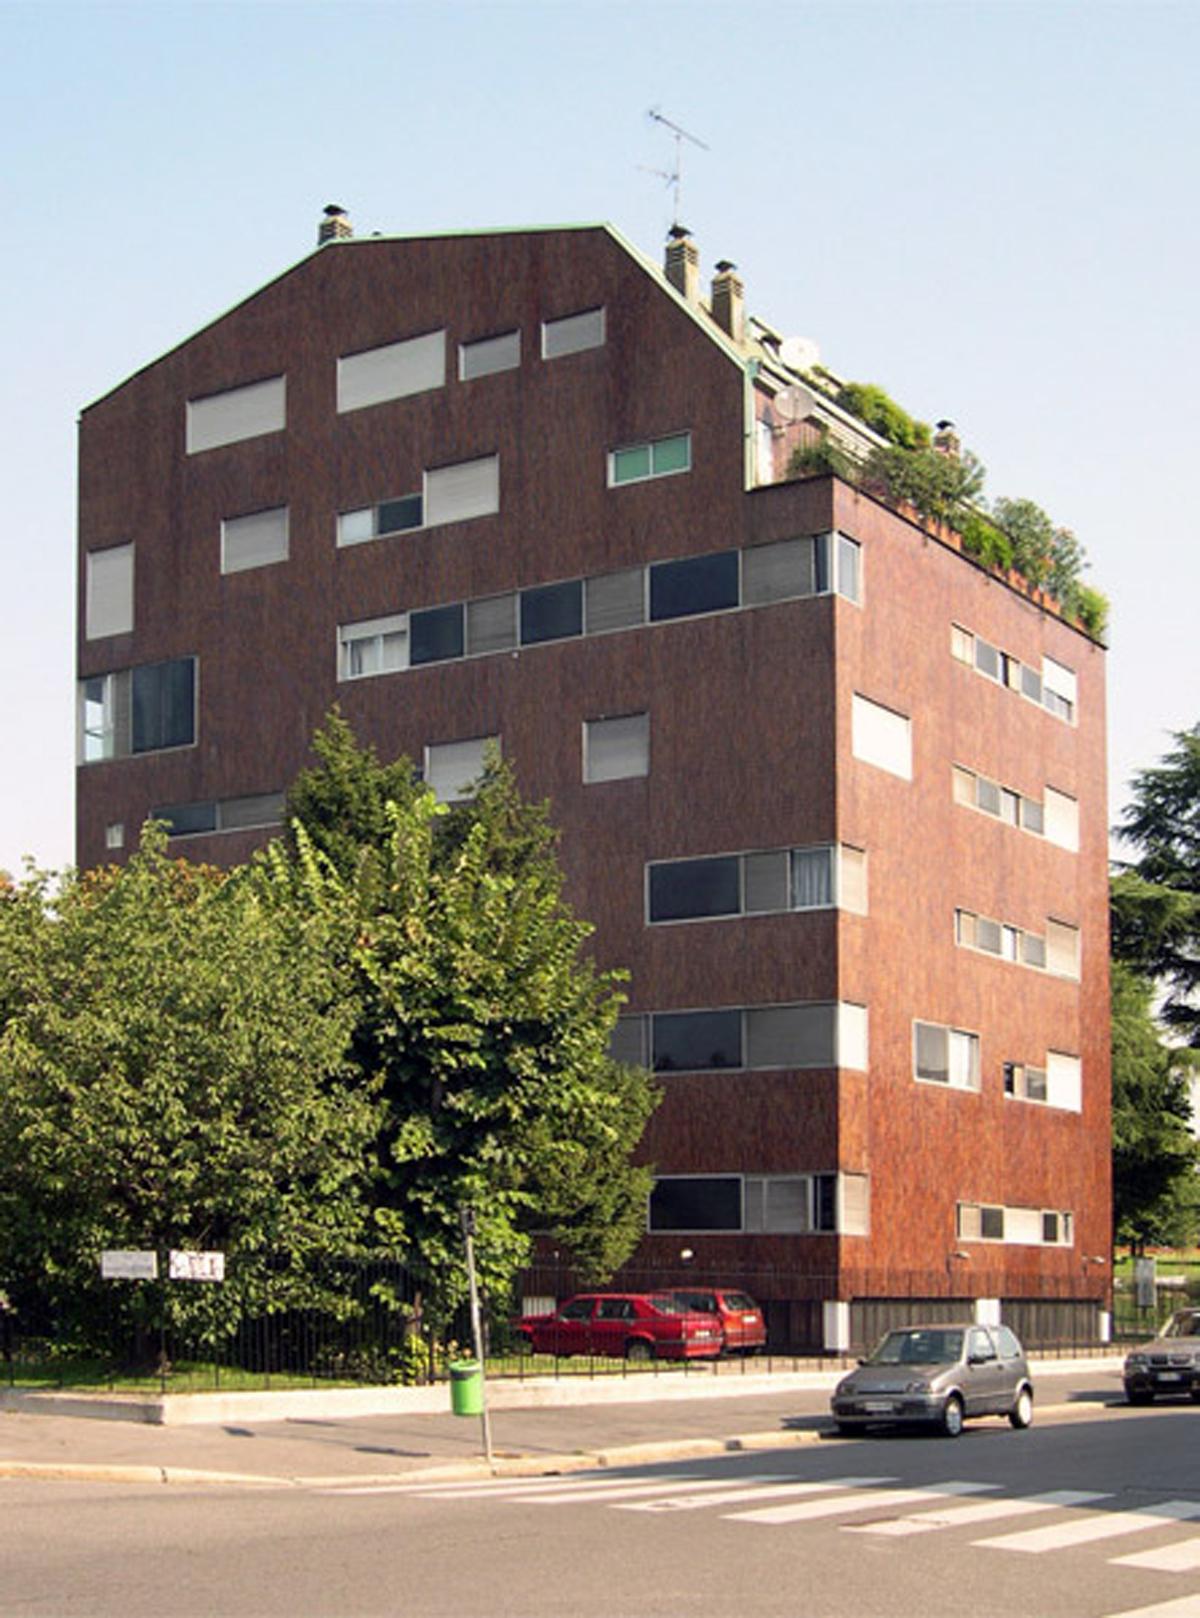 Luigi caccia dominioni edificios residenciales en milan for Caccia dominioni architetto